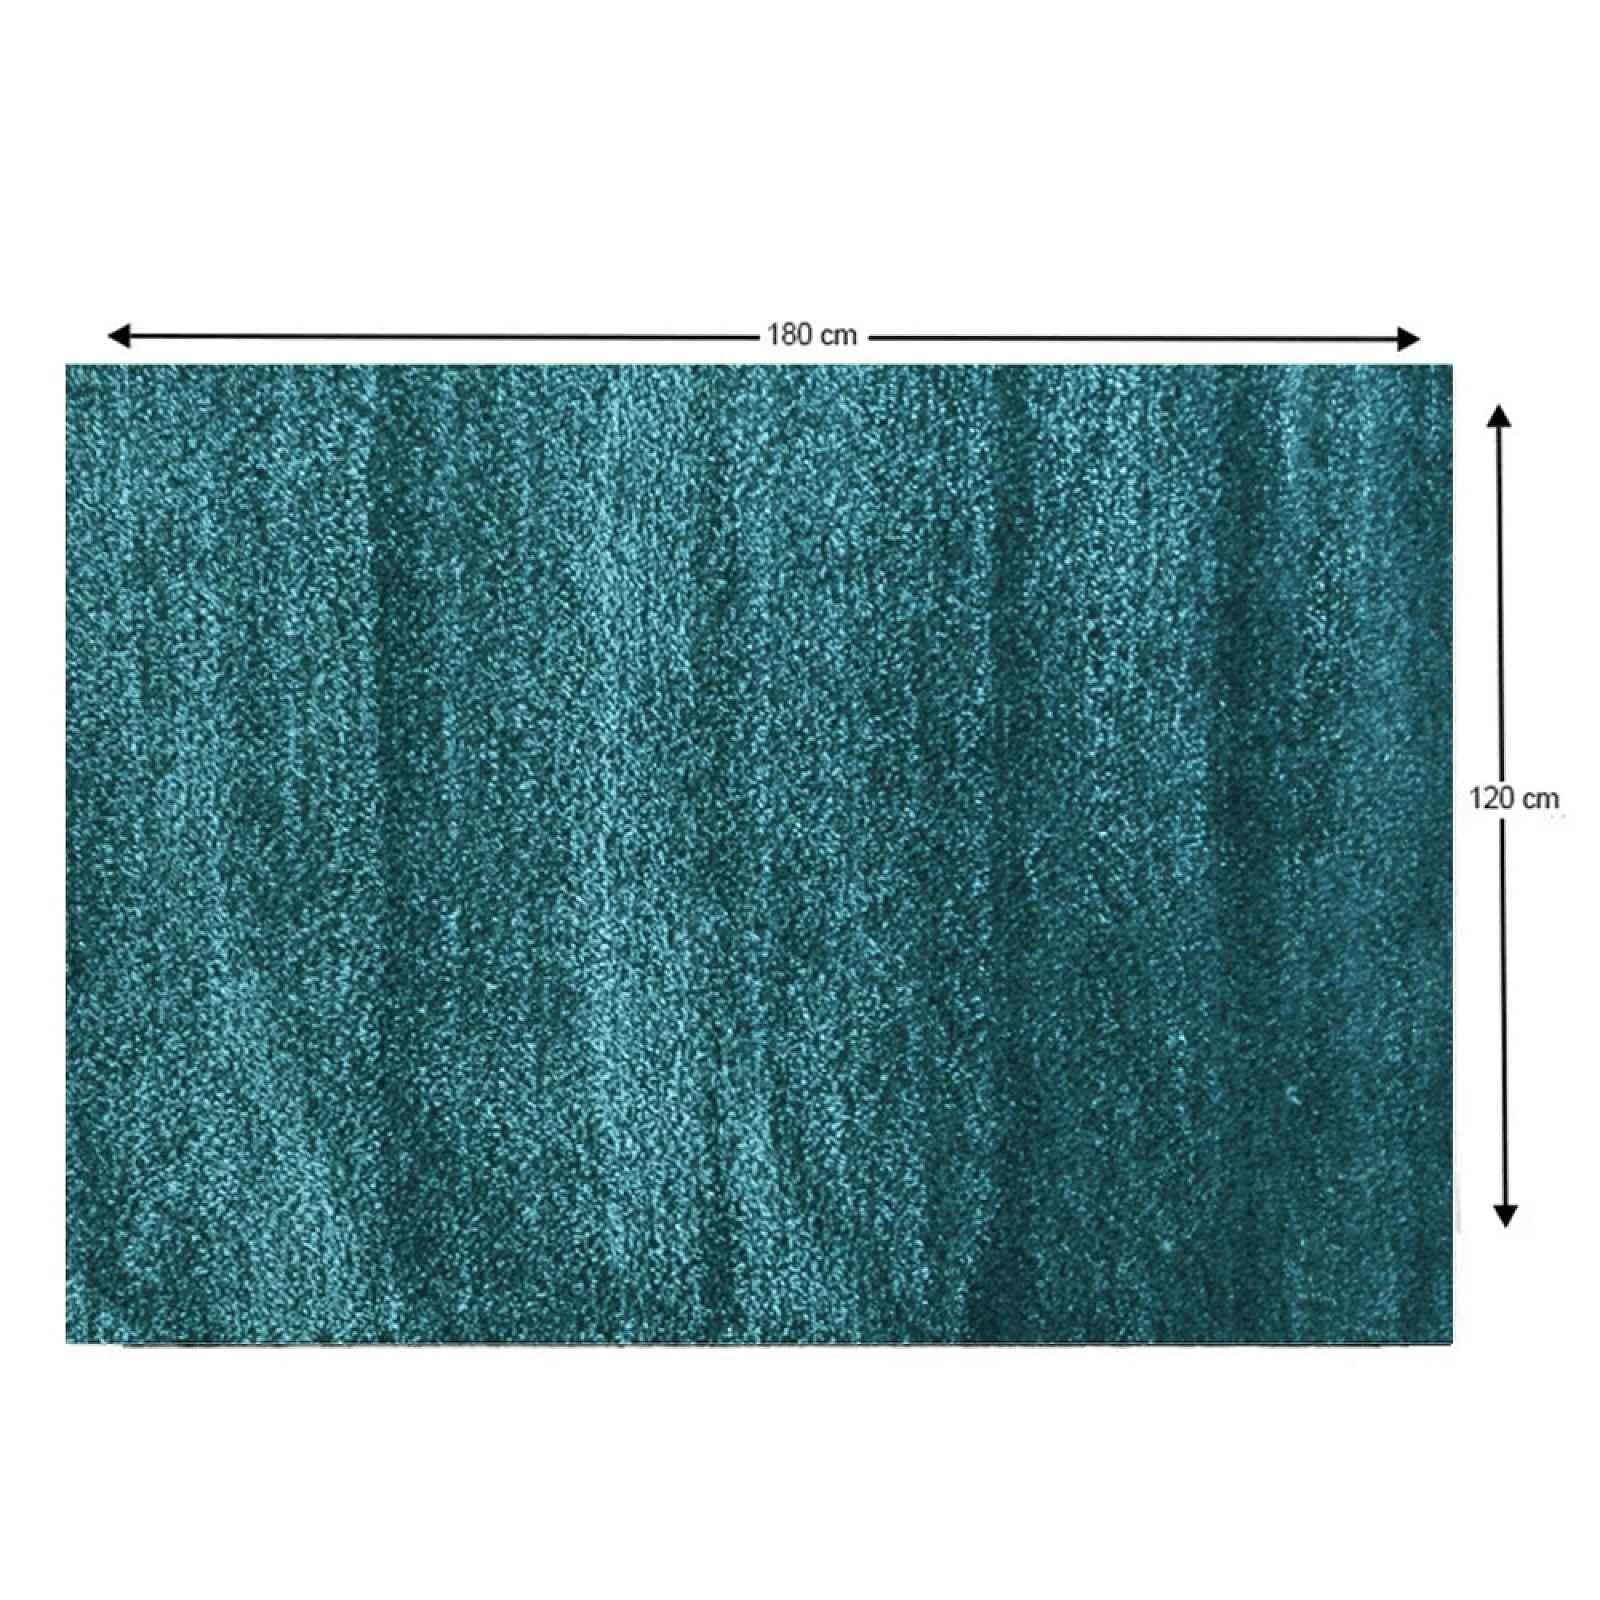 Shaggy koberec ARUNA tyrkysová Tempo Kondela 120x180 cm